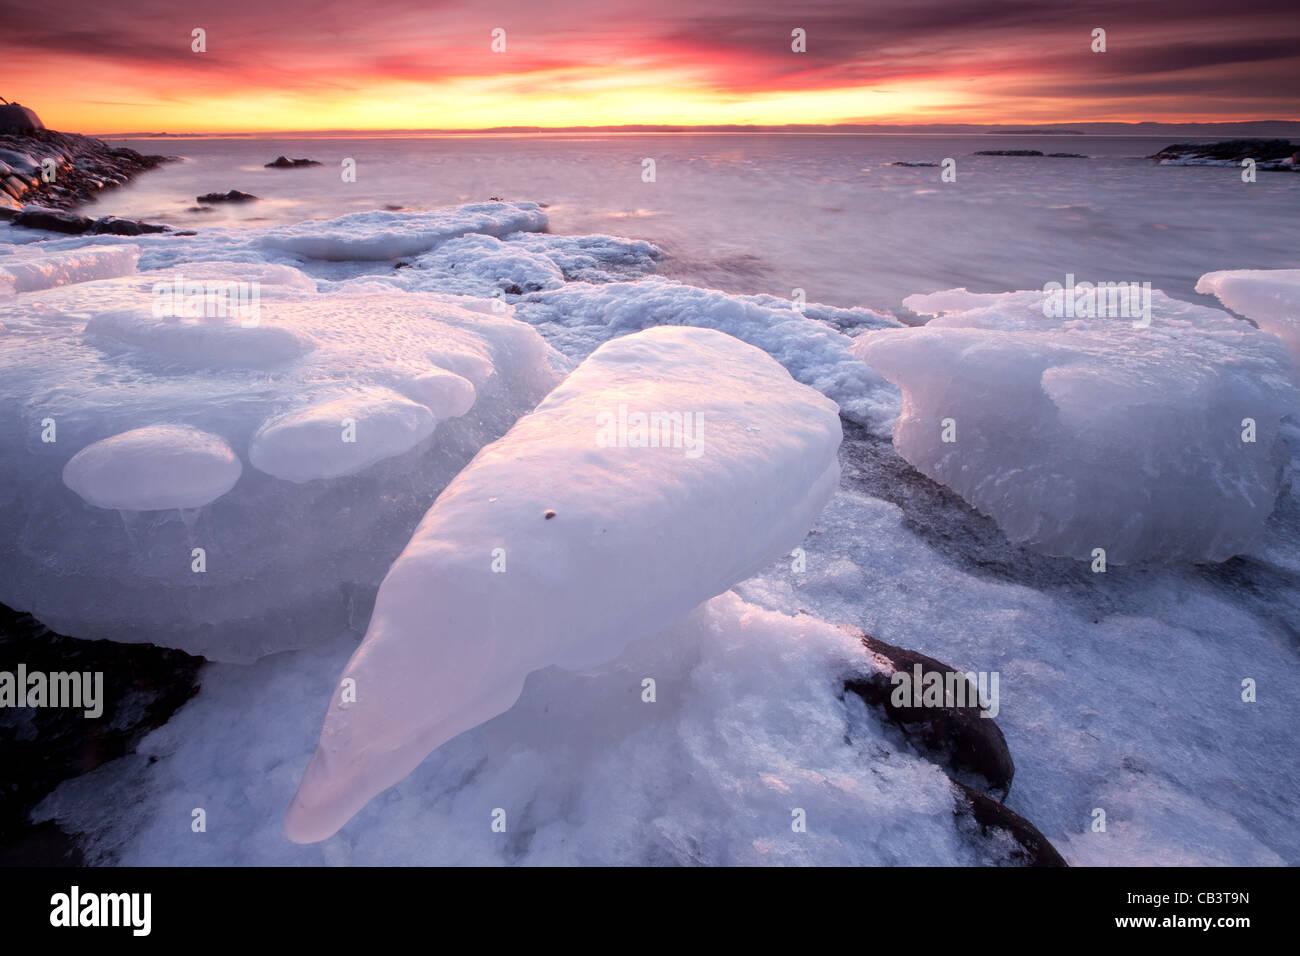 Bunter Abend und Eis Formationen in Nes auf der Insel Jeløy in Moos Kommune, Østfold Fylke, Norwegen. Stockbild